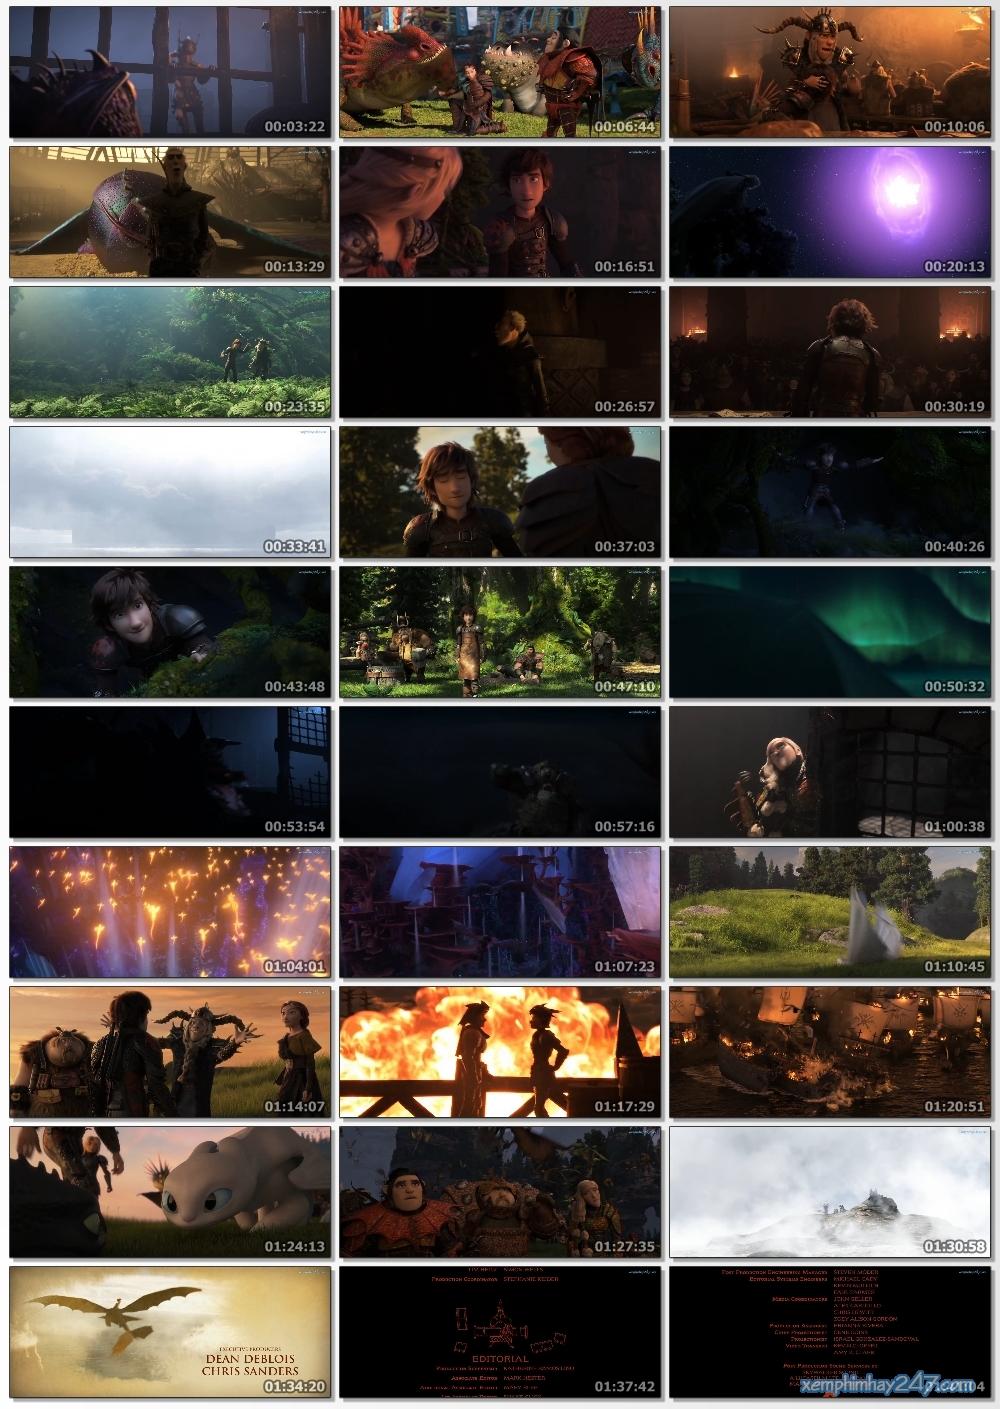 http://xemphimhay247.com - Xem phim hay 247 - Bí Kíp Luyện Rồng 3: Vùng Đất Bí Ẩn (2019) - How To Train Your Dragon 3: The Hidden World (2019)